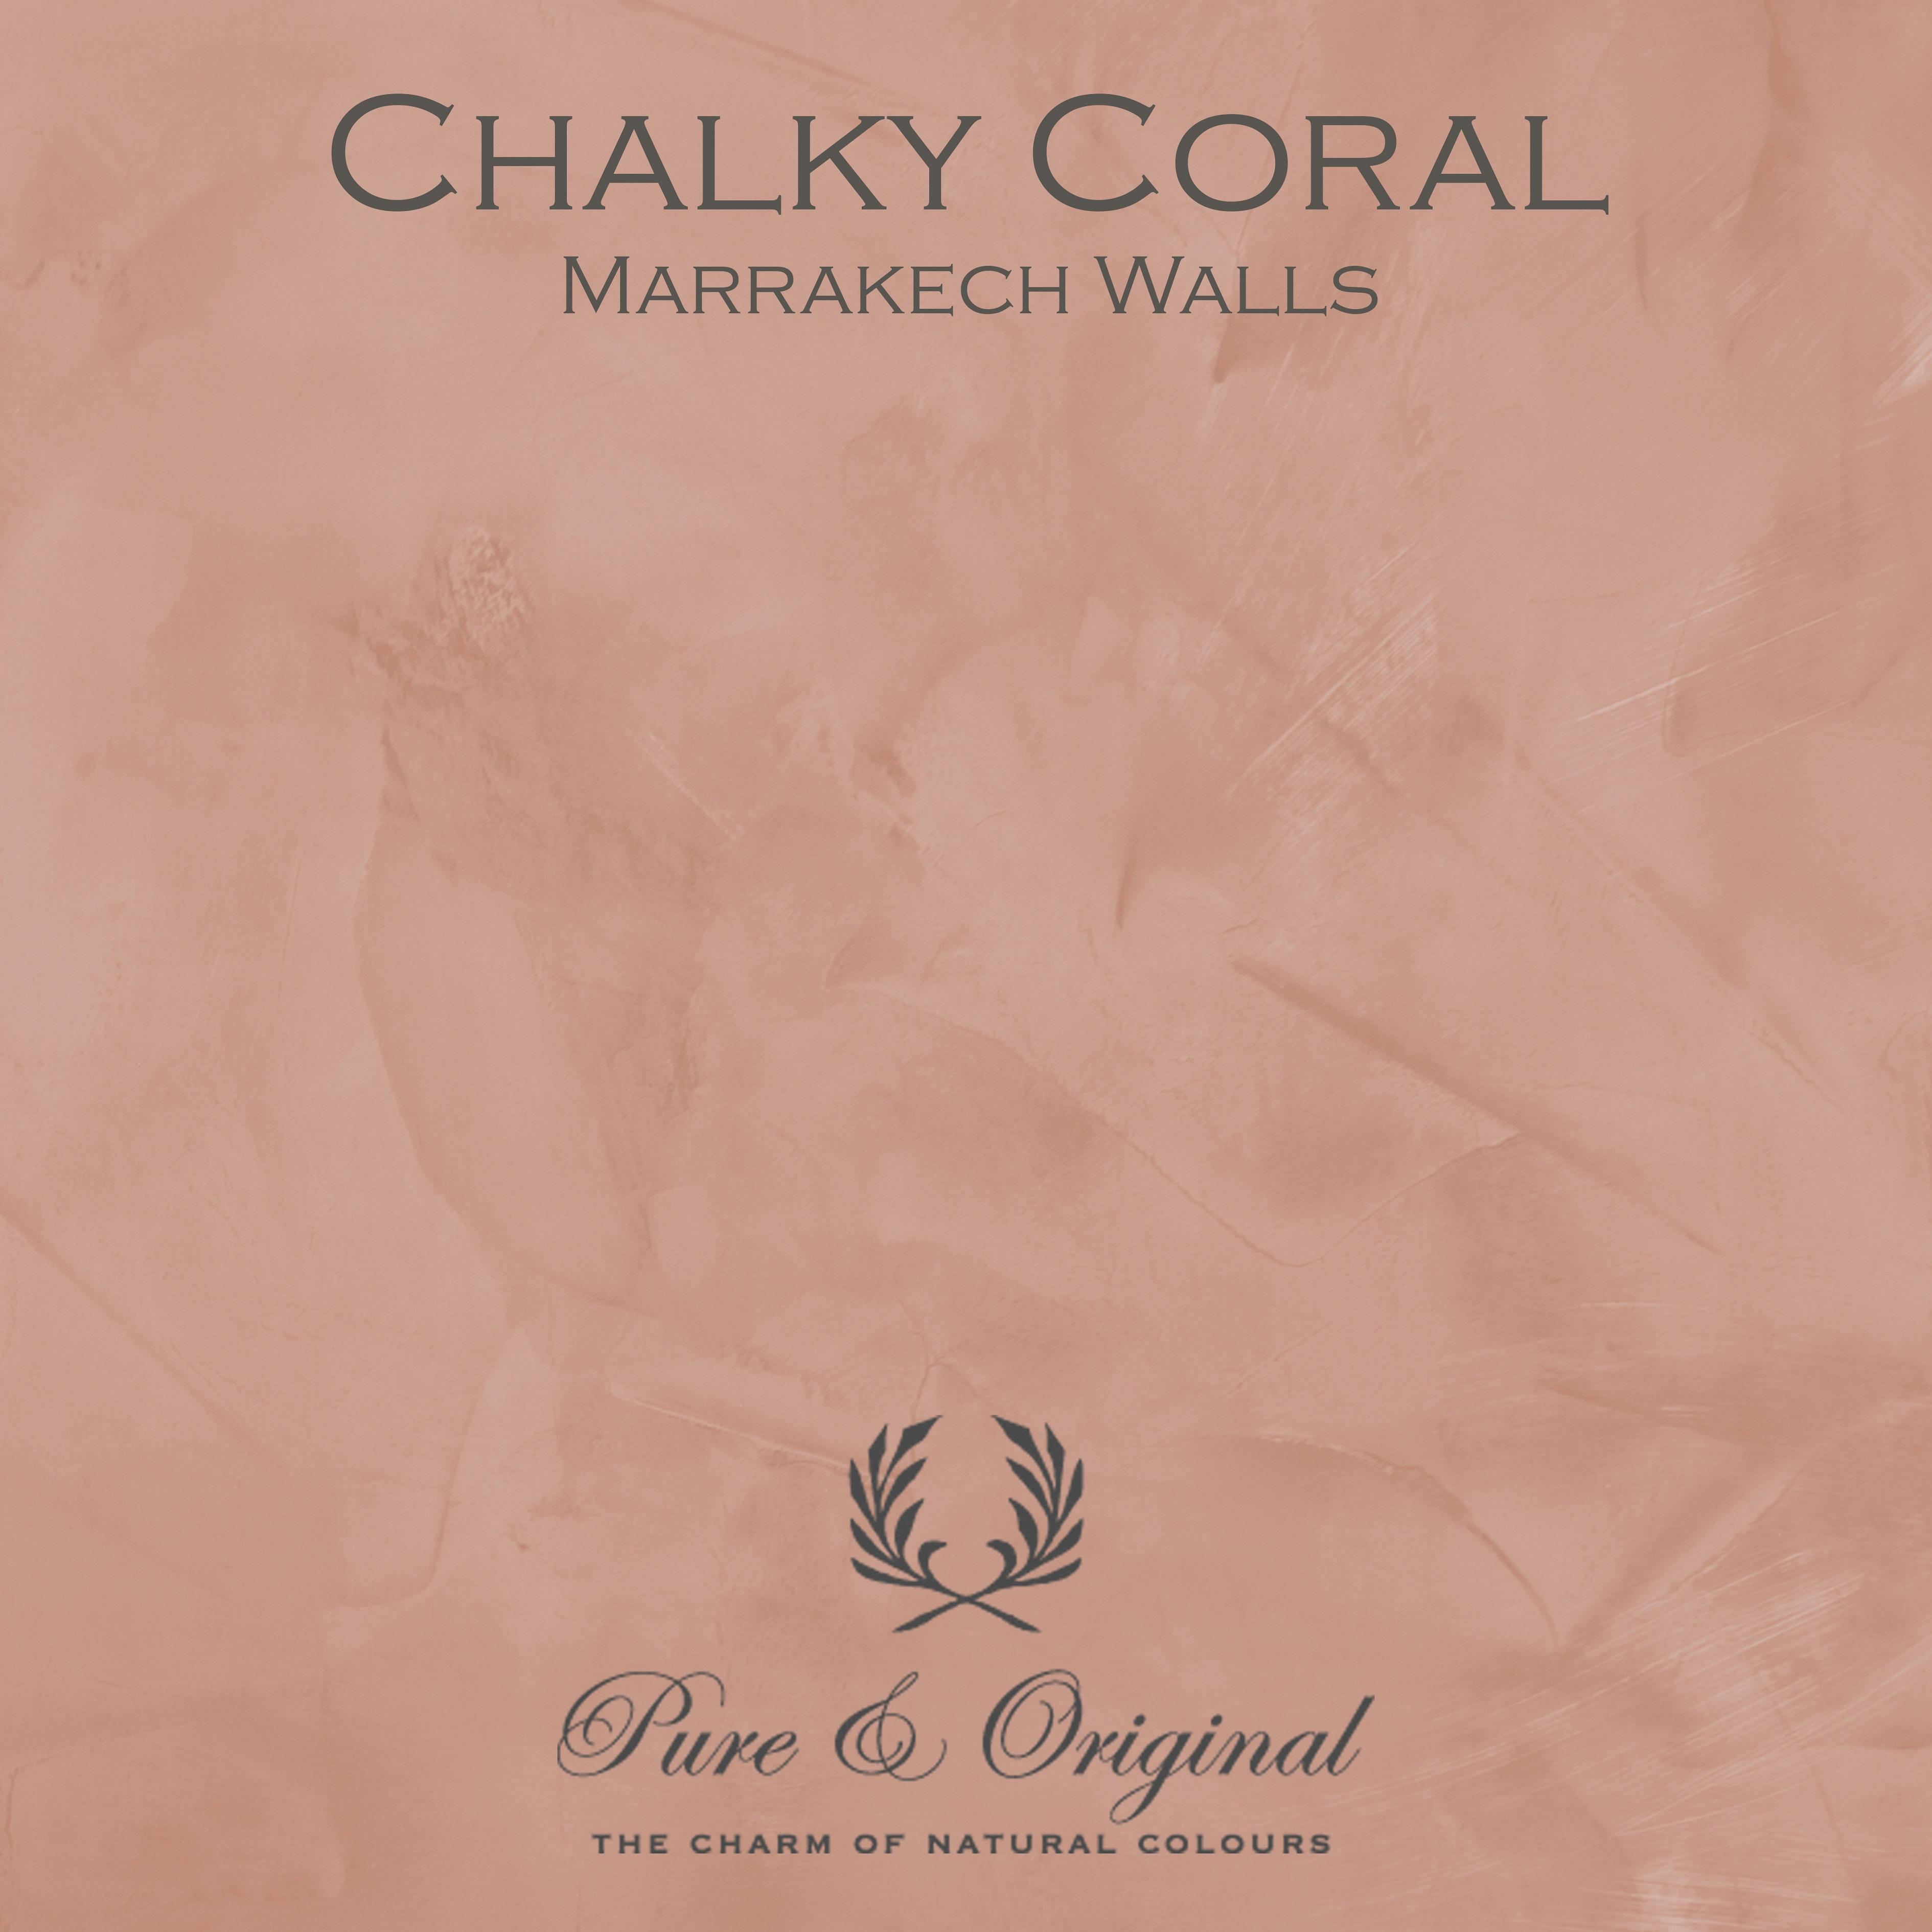 Kulör Chalky Coral, Marrakech Walls kalkfärg